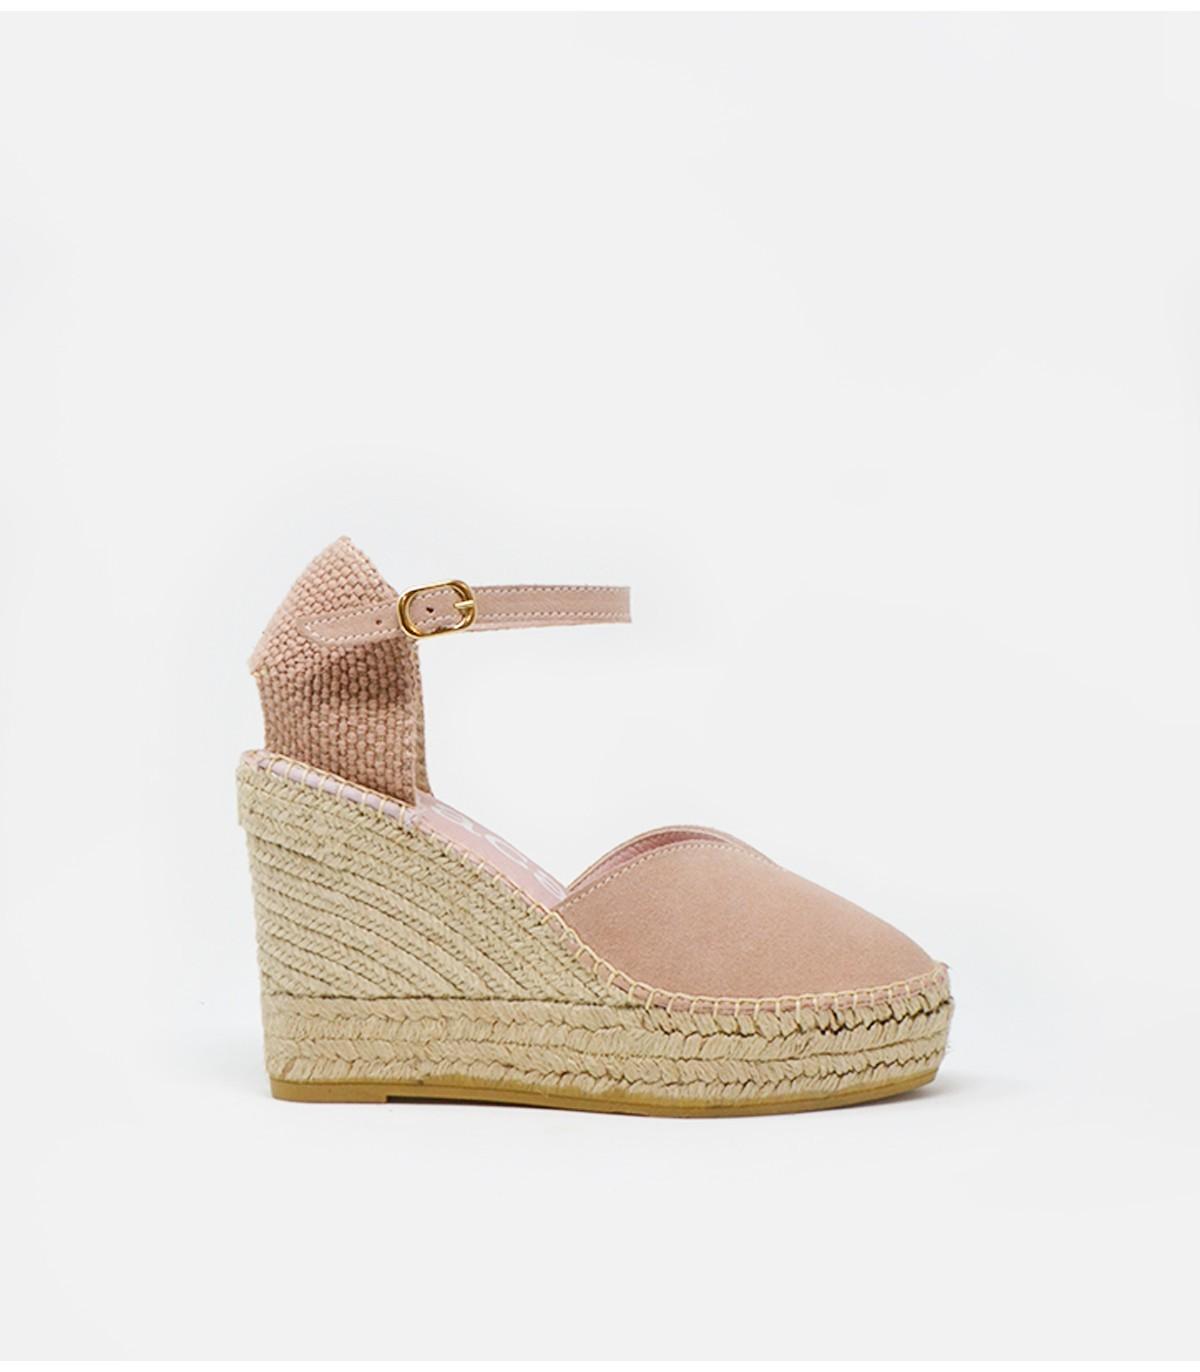 Alpargatas Alba6 de Macarena Shoes, que la reina Letizia lució en su visita a Sevilla y cuestan 65 euros.